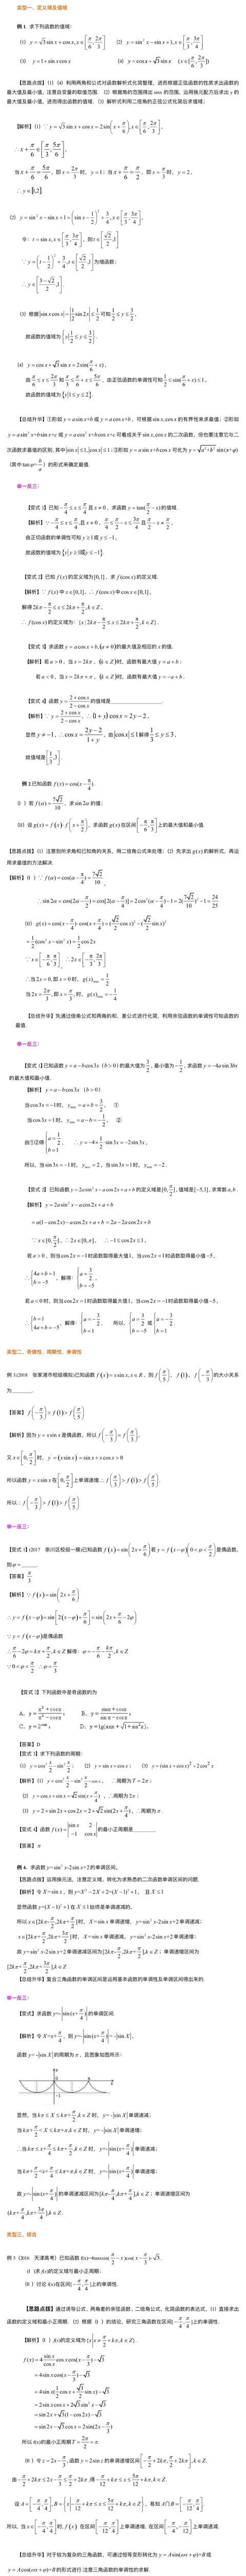 数学三角函数专项解析,搞定这些高考稳拿18分